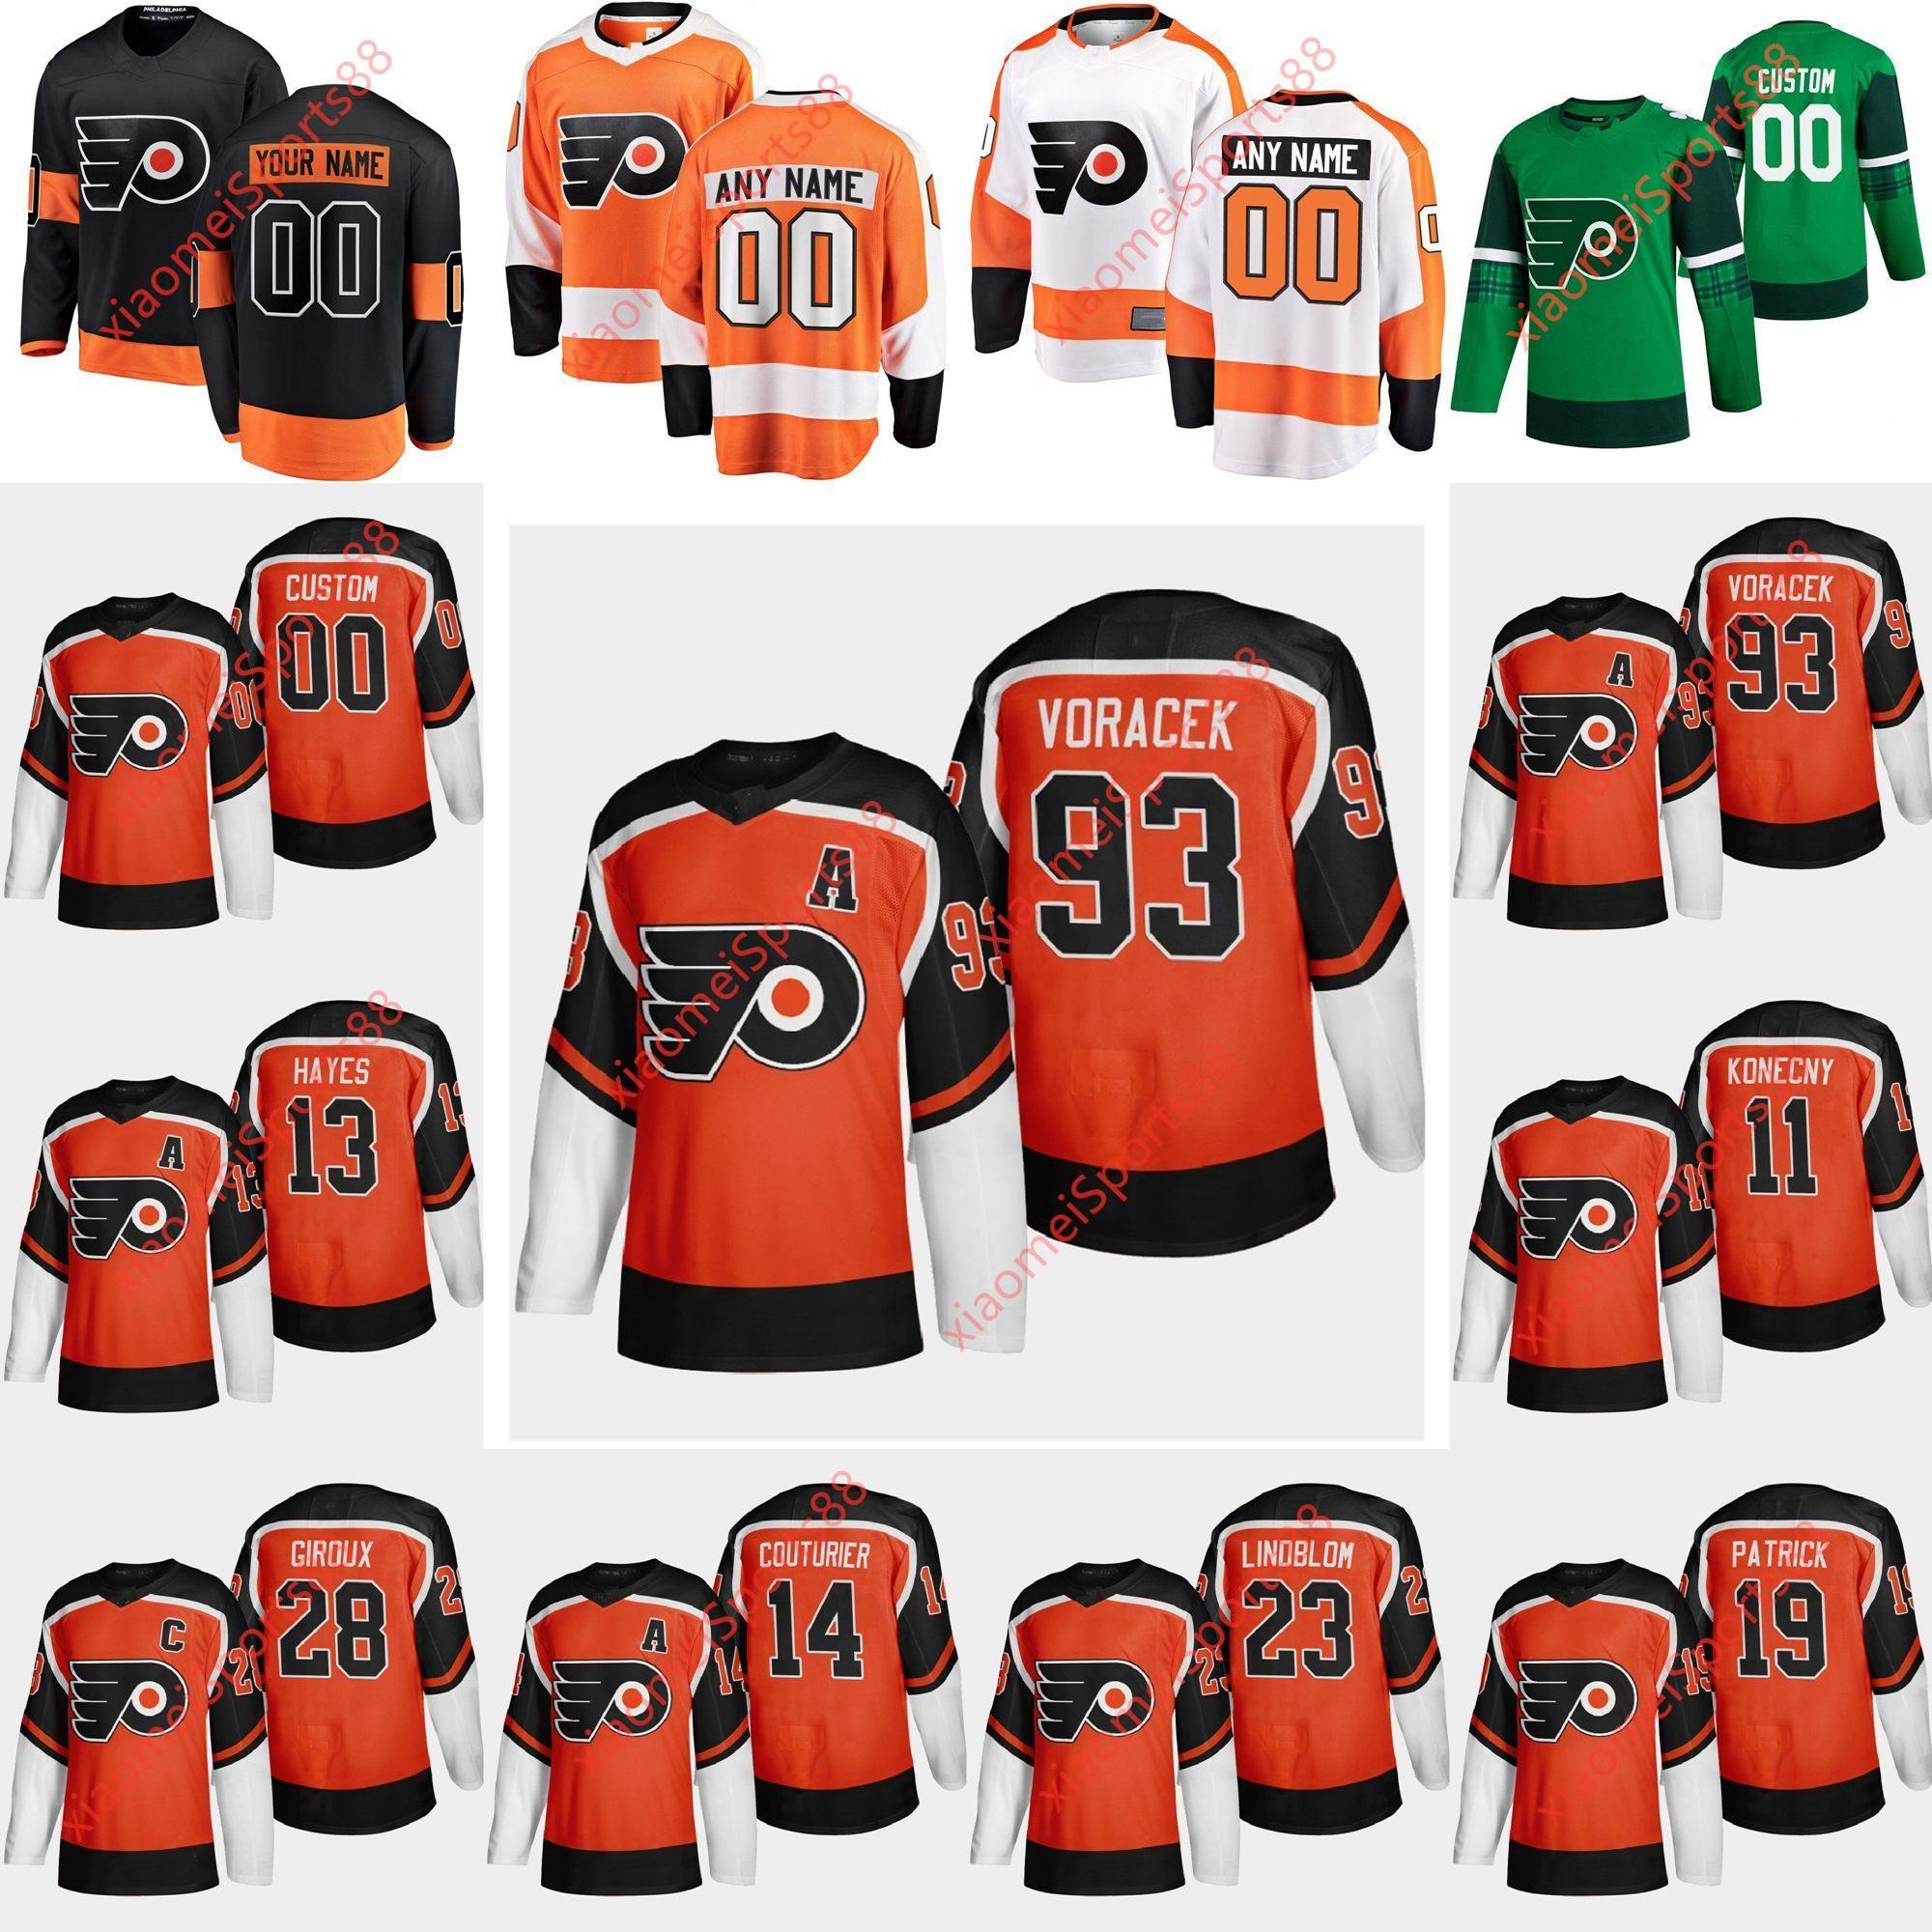 Philadelphia Flyers 2021 Retro Retro Hockey Jerseys Robert Hagg Jersey Brian Elliott Michal Neuvirth Samuel Morin Corban Knight Custom